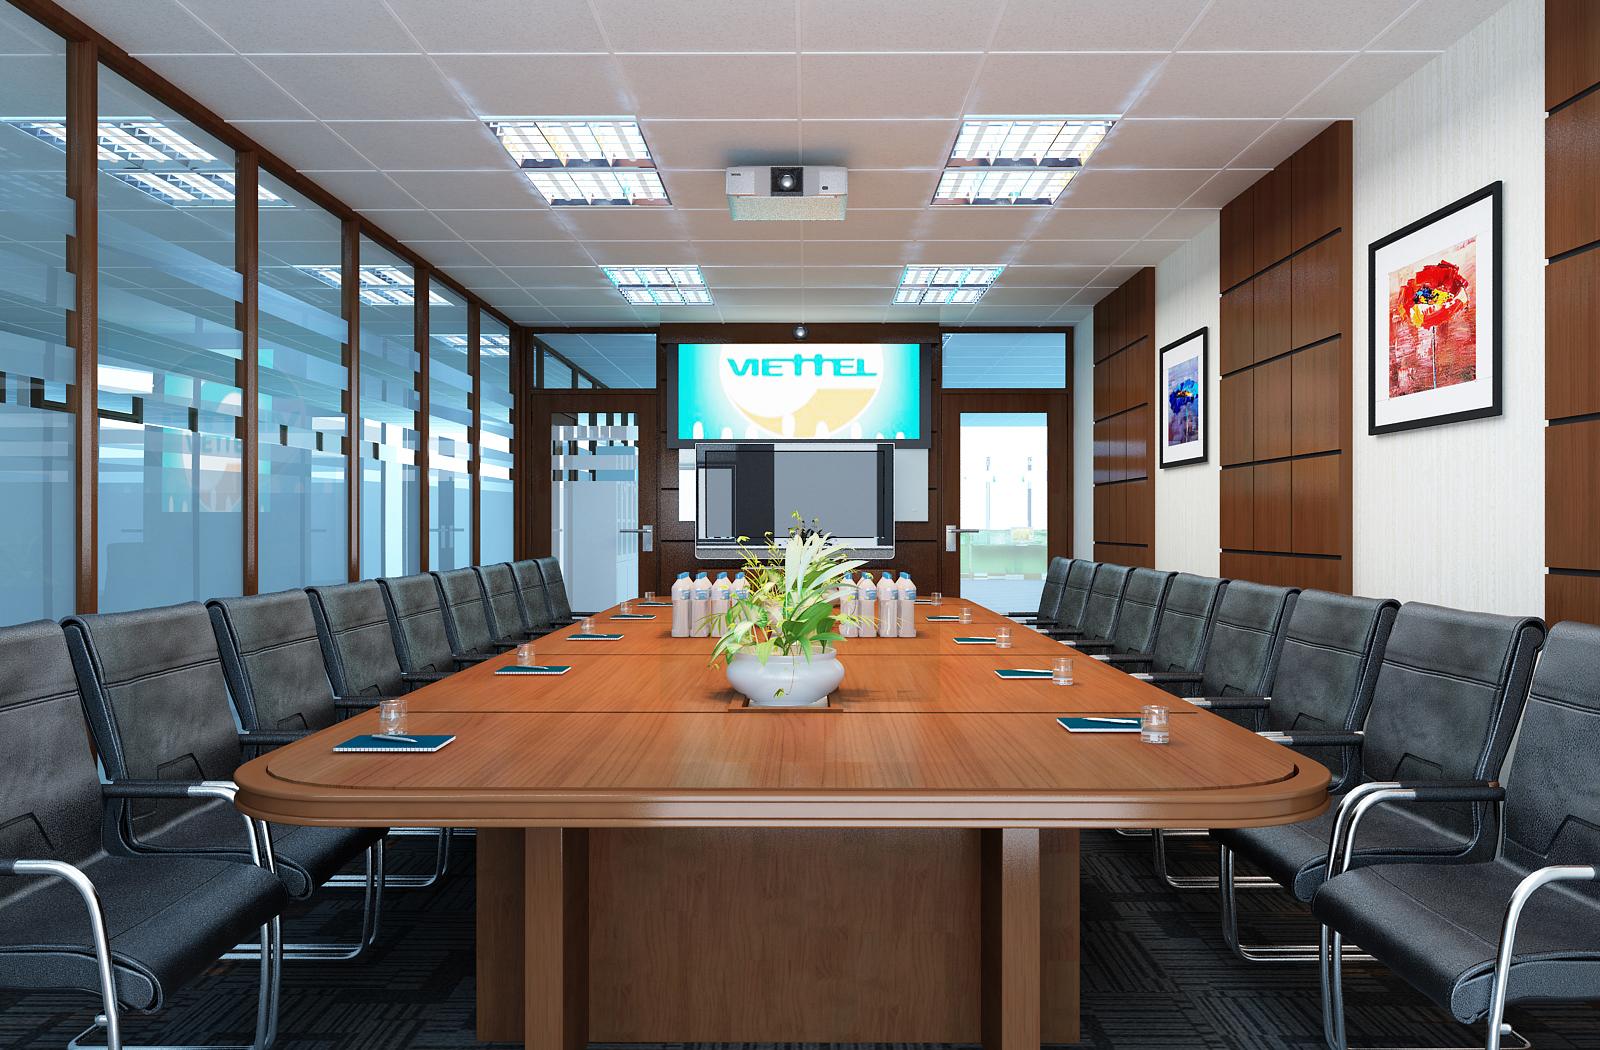 Phòng họp Viettel